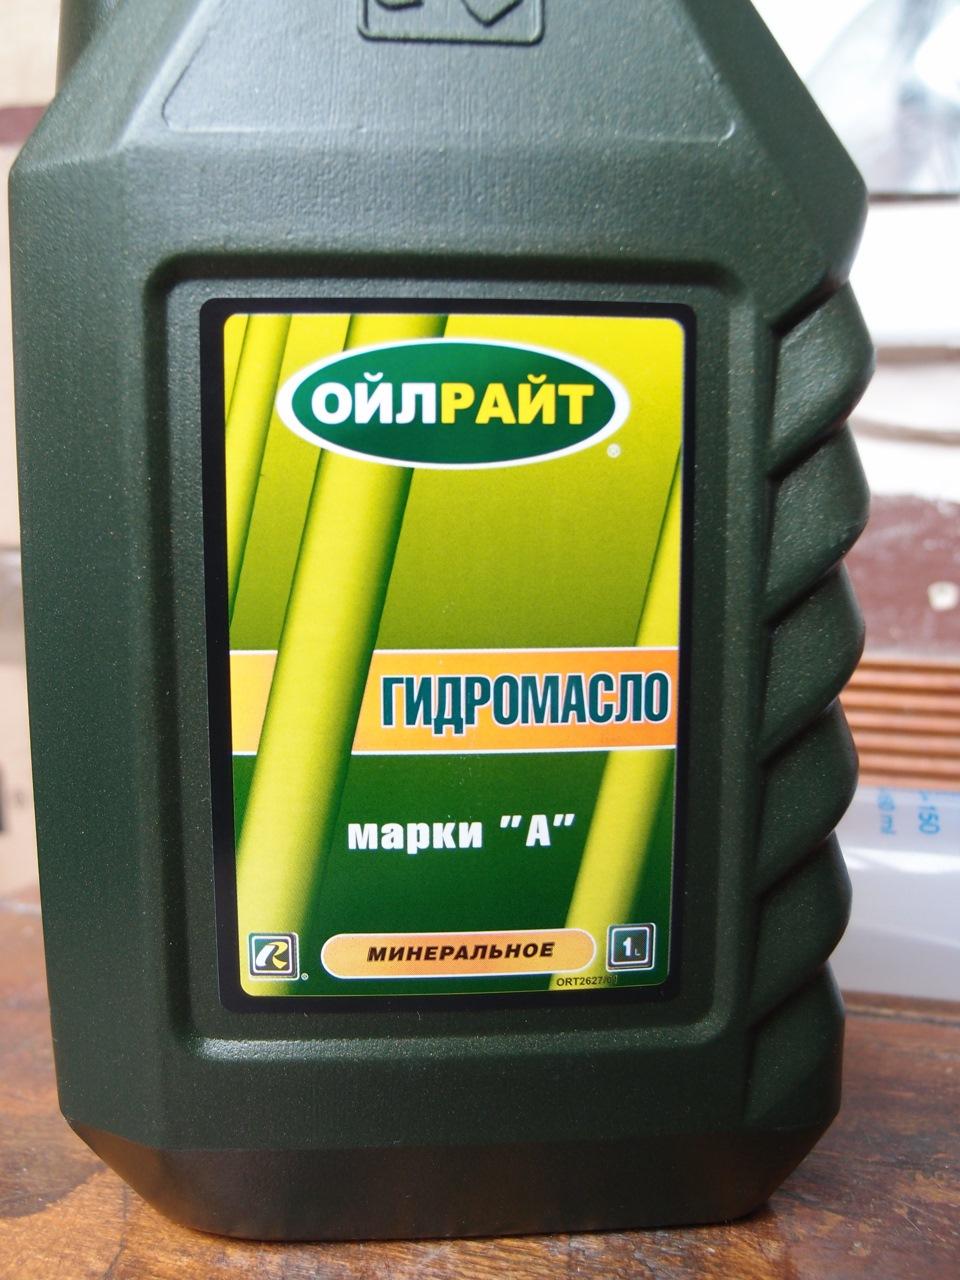 Можно ли в домкрат залить моторное масло